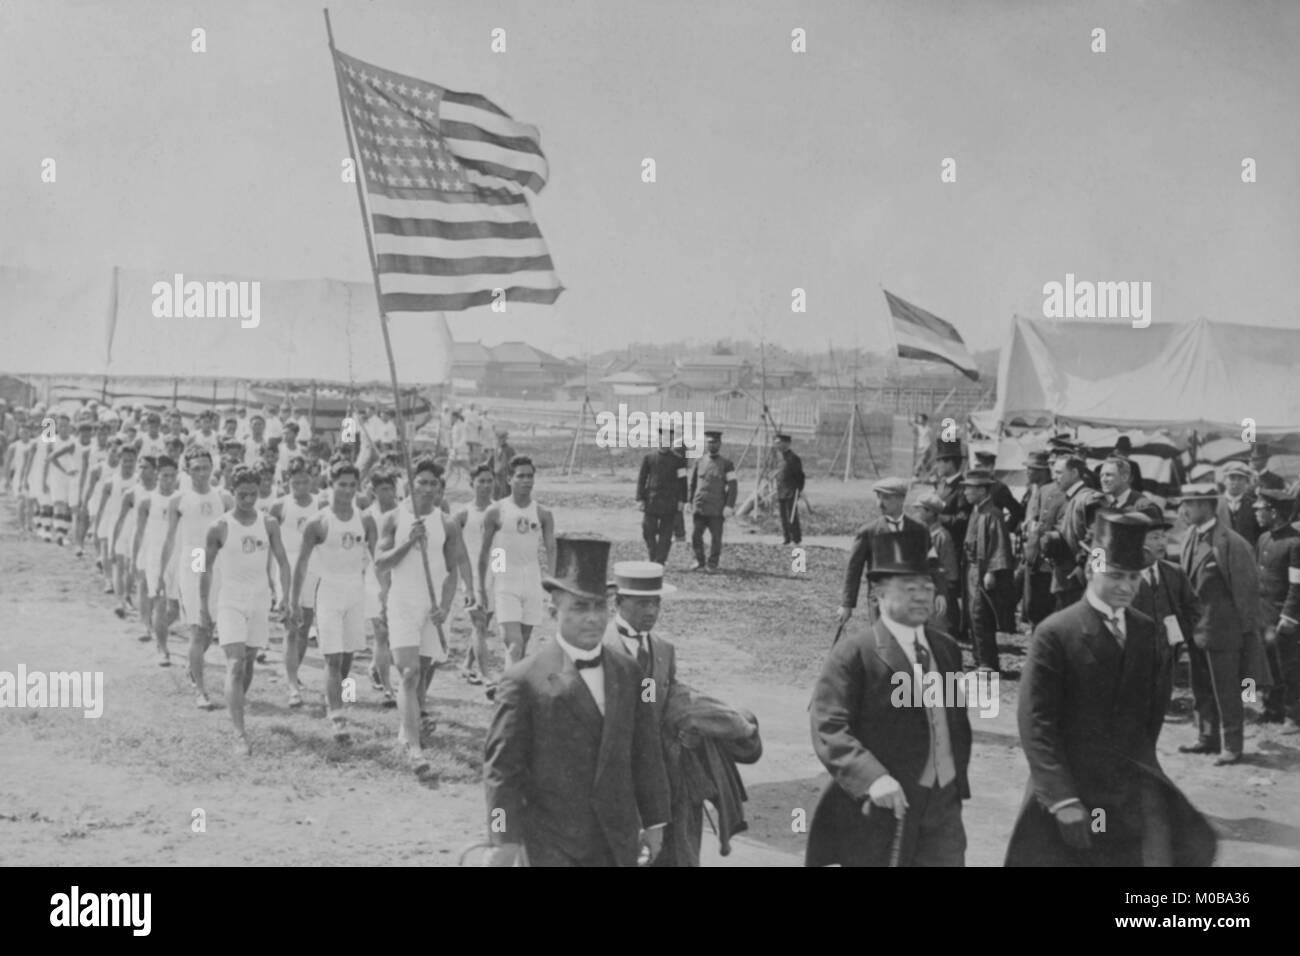 American & Filipino Athletes March Behind Japanese Dignitaries - Stock Image